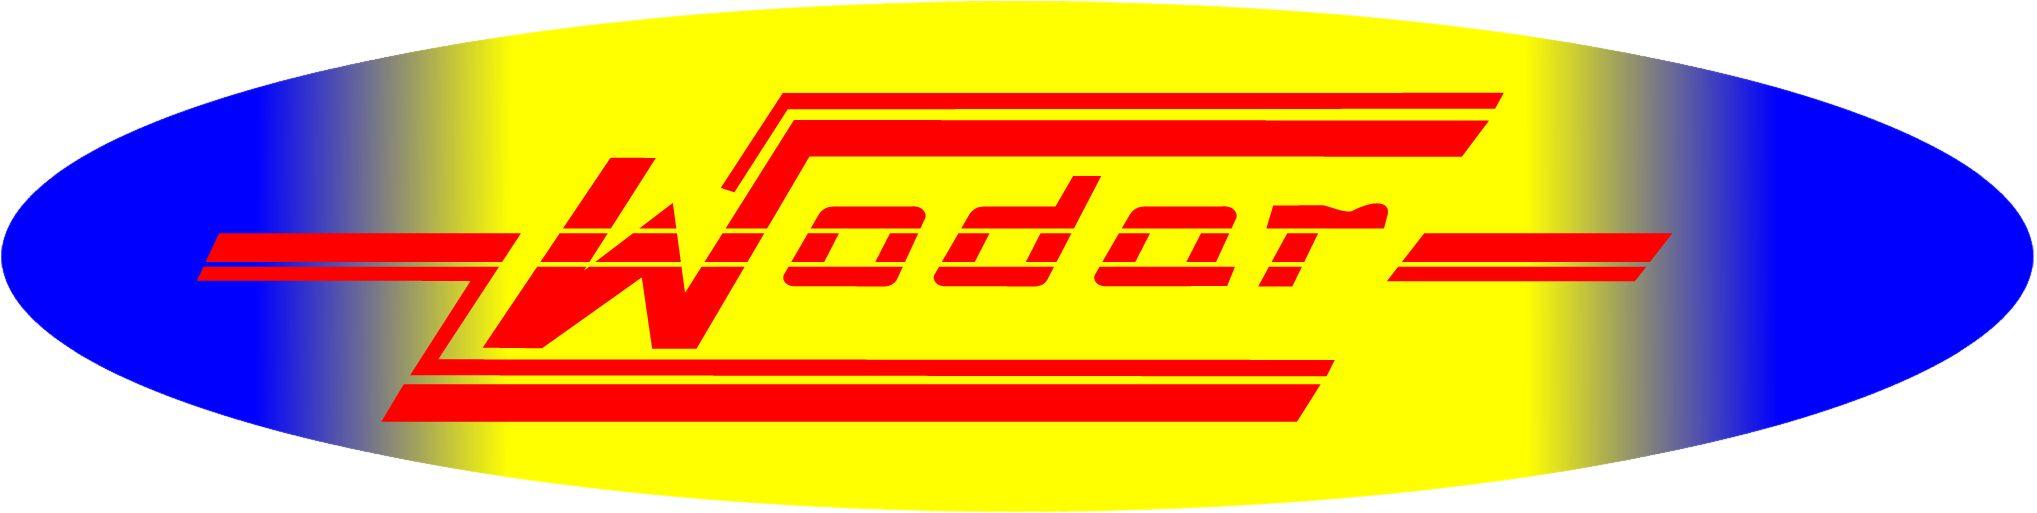 Grupa producencka VODAR Sp. z o.o., Wrocław